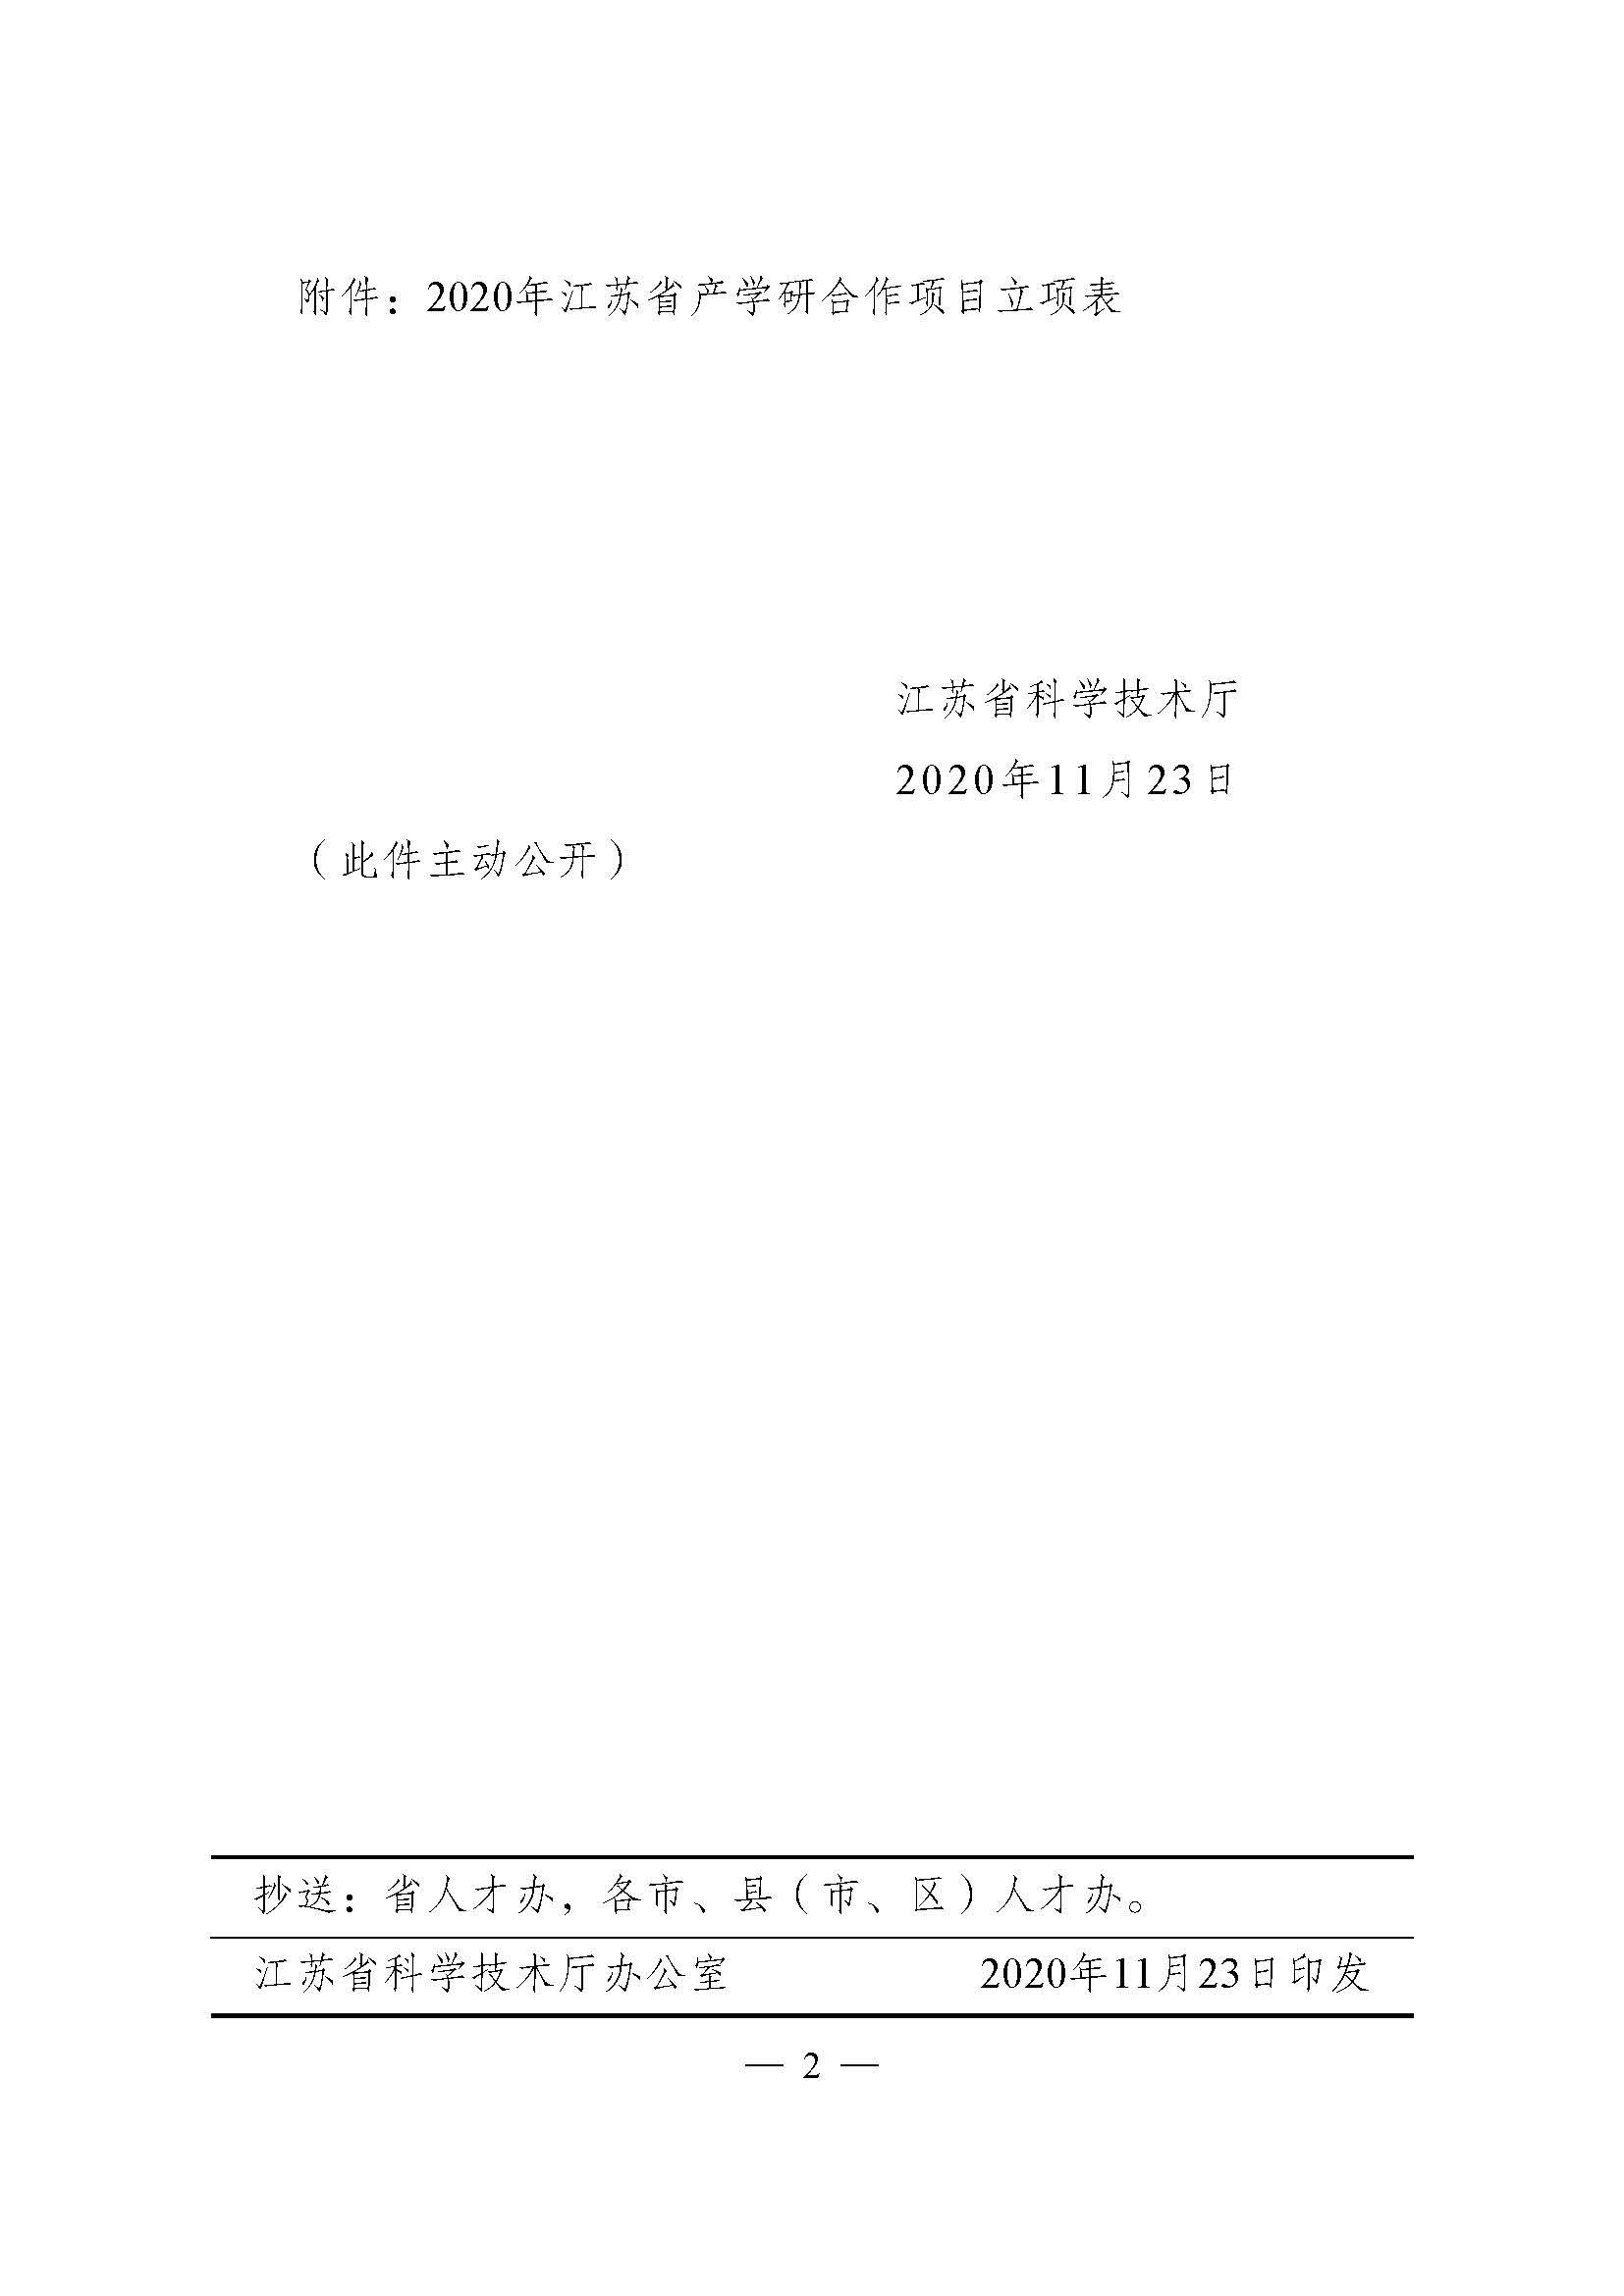 產學研立項通知_頁面_2.jpg